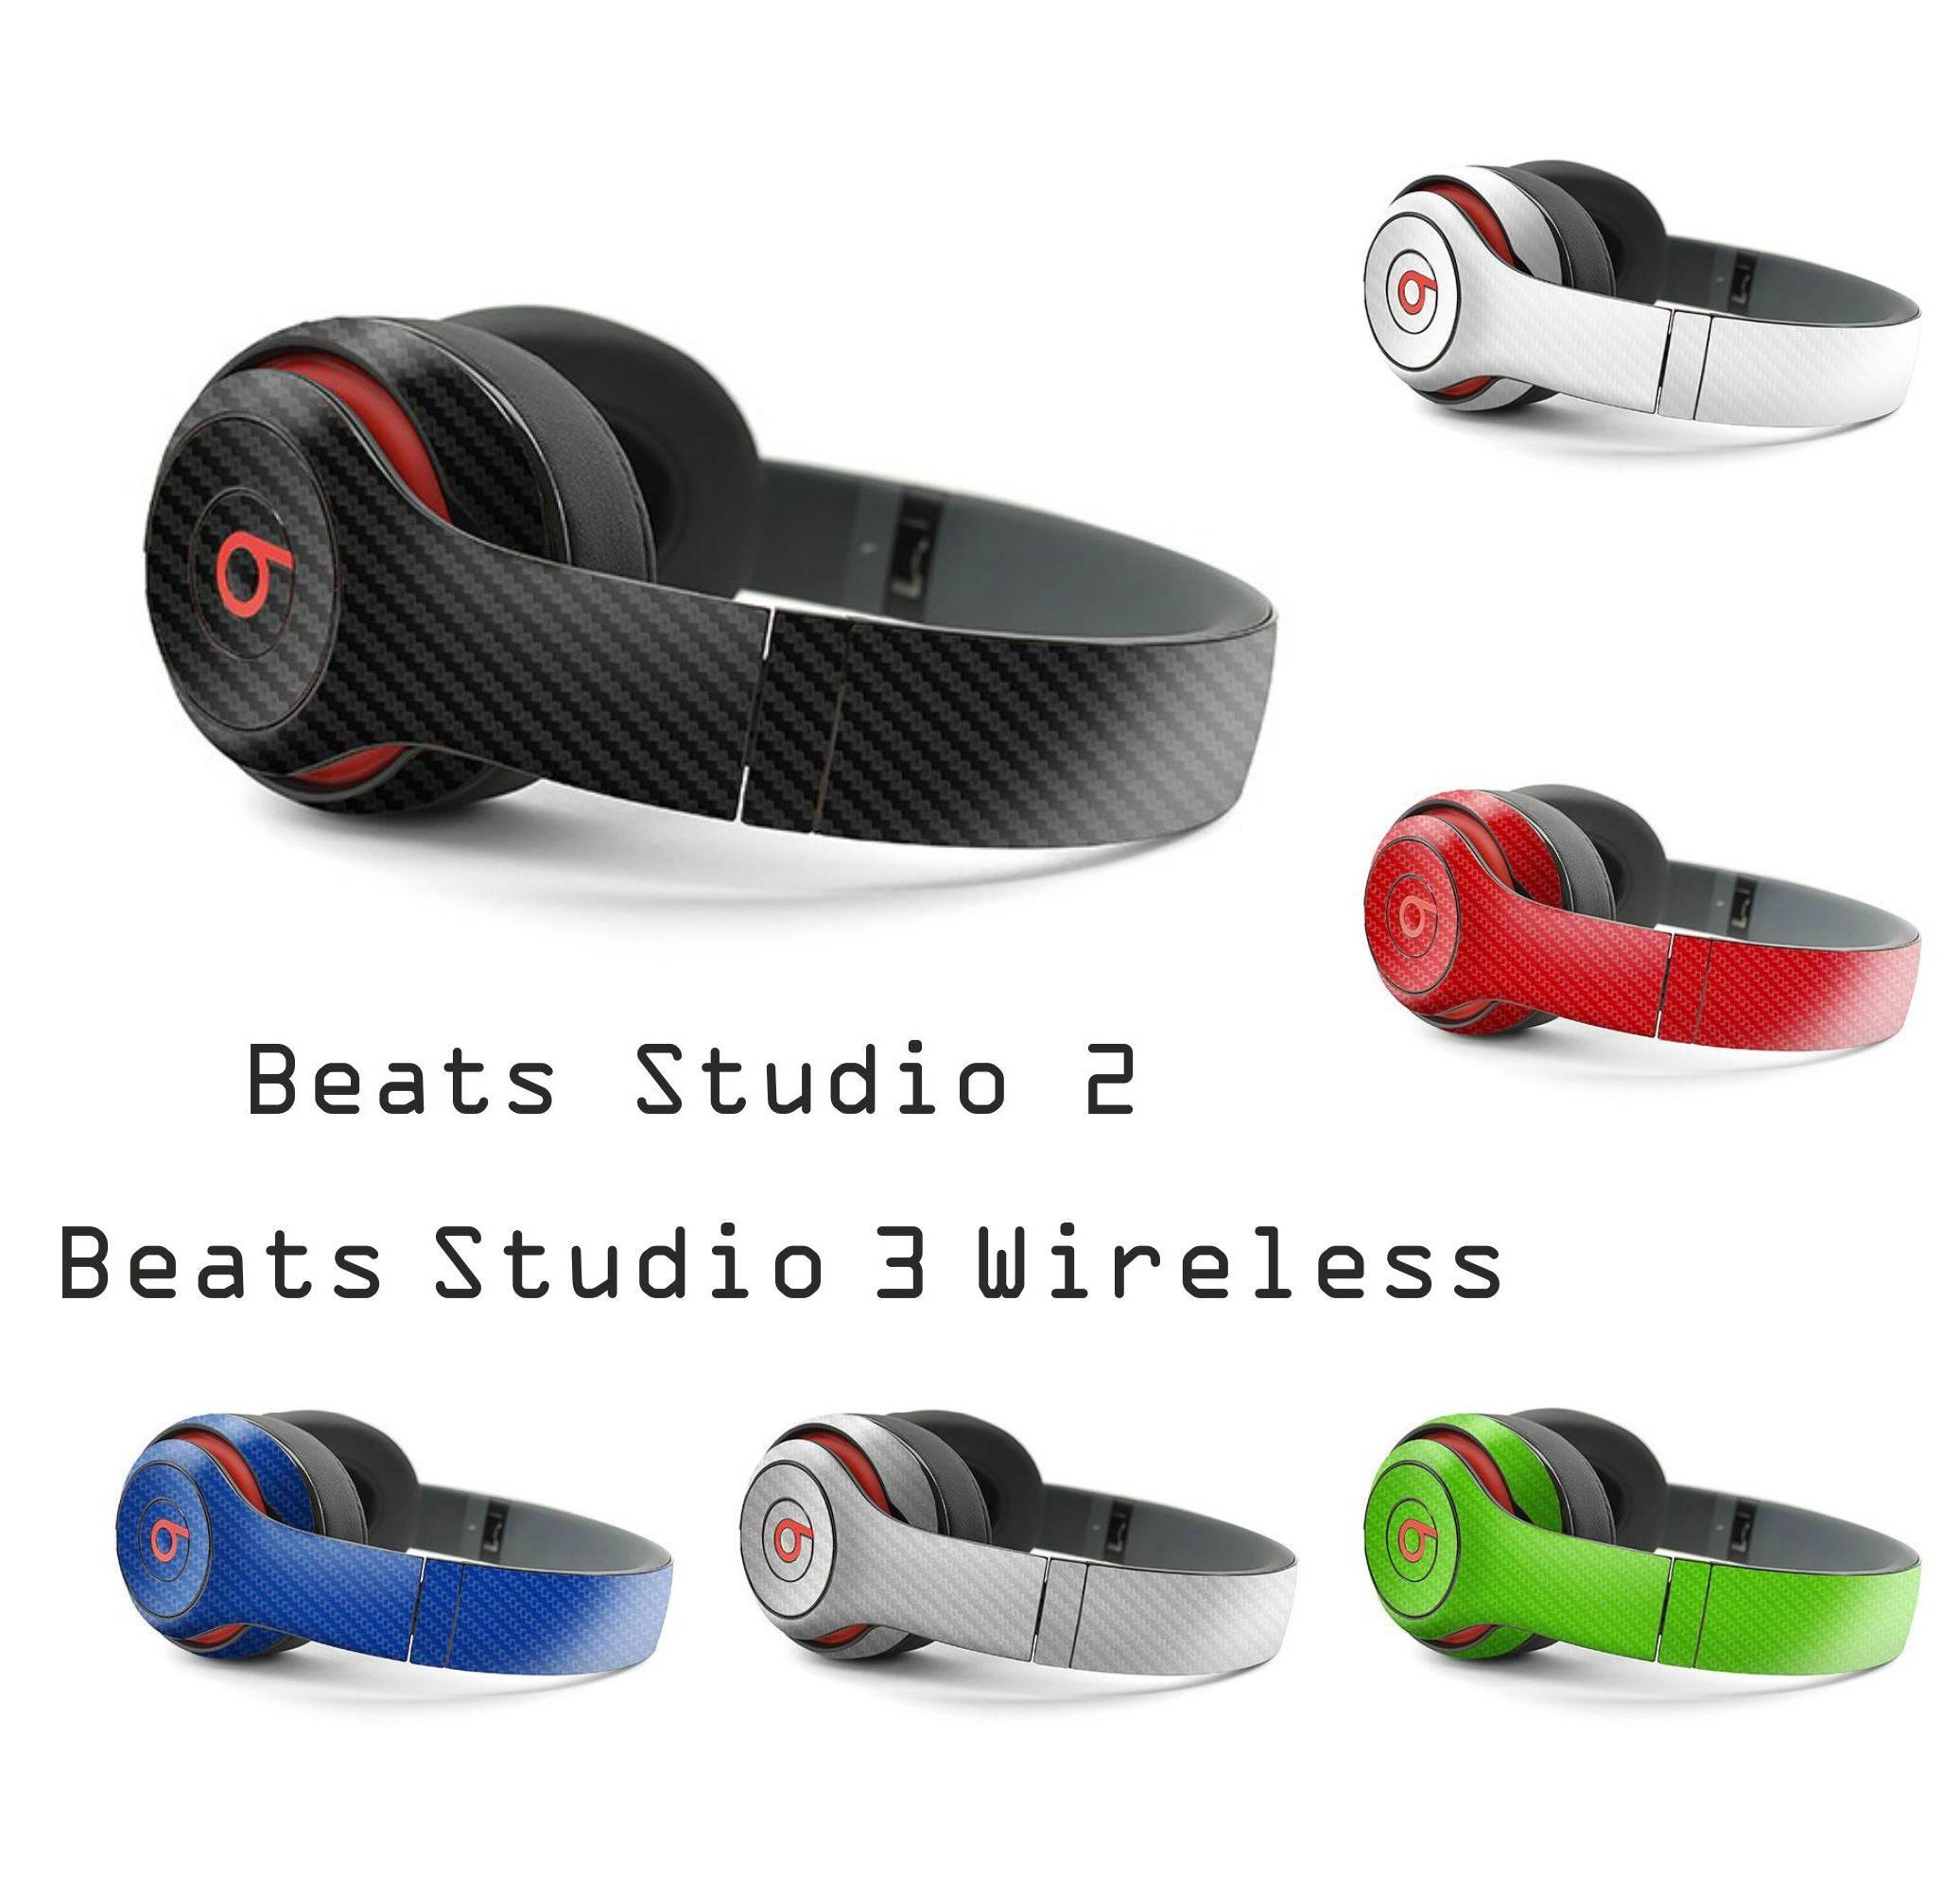 Headphones wireless beats studio 3 - ZipBuds SELECT (Black) Overview